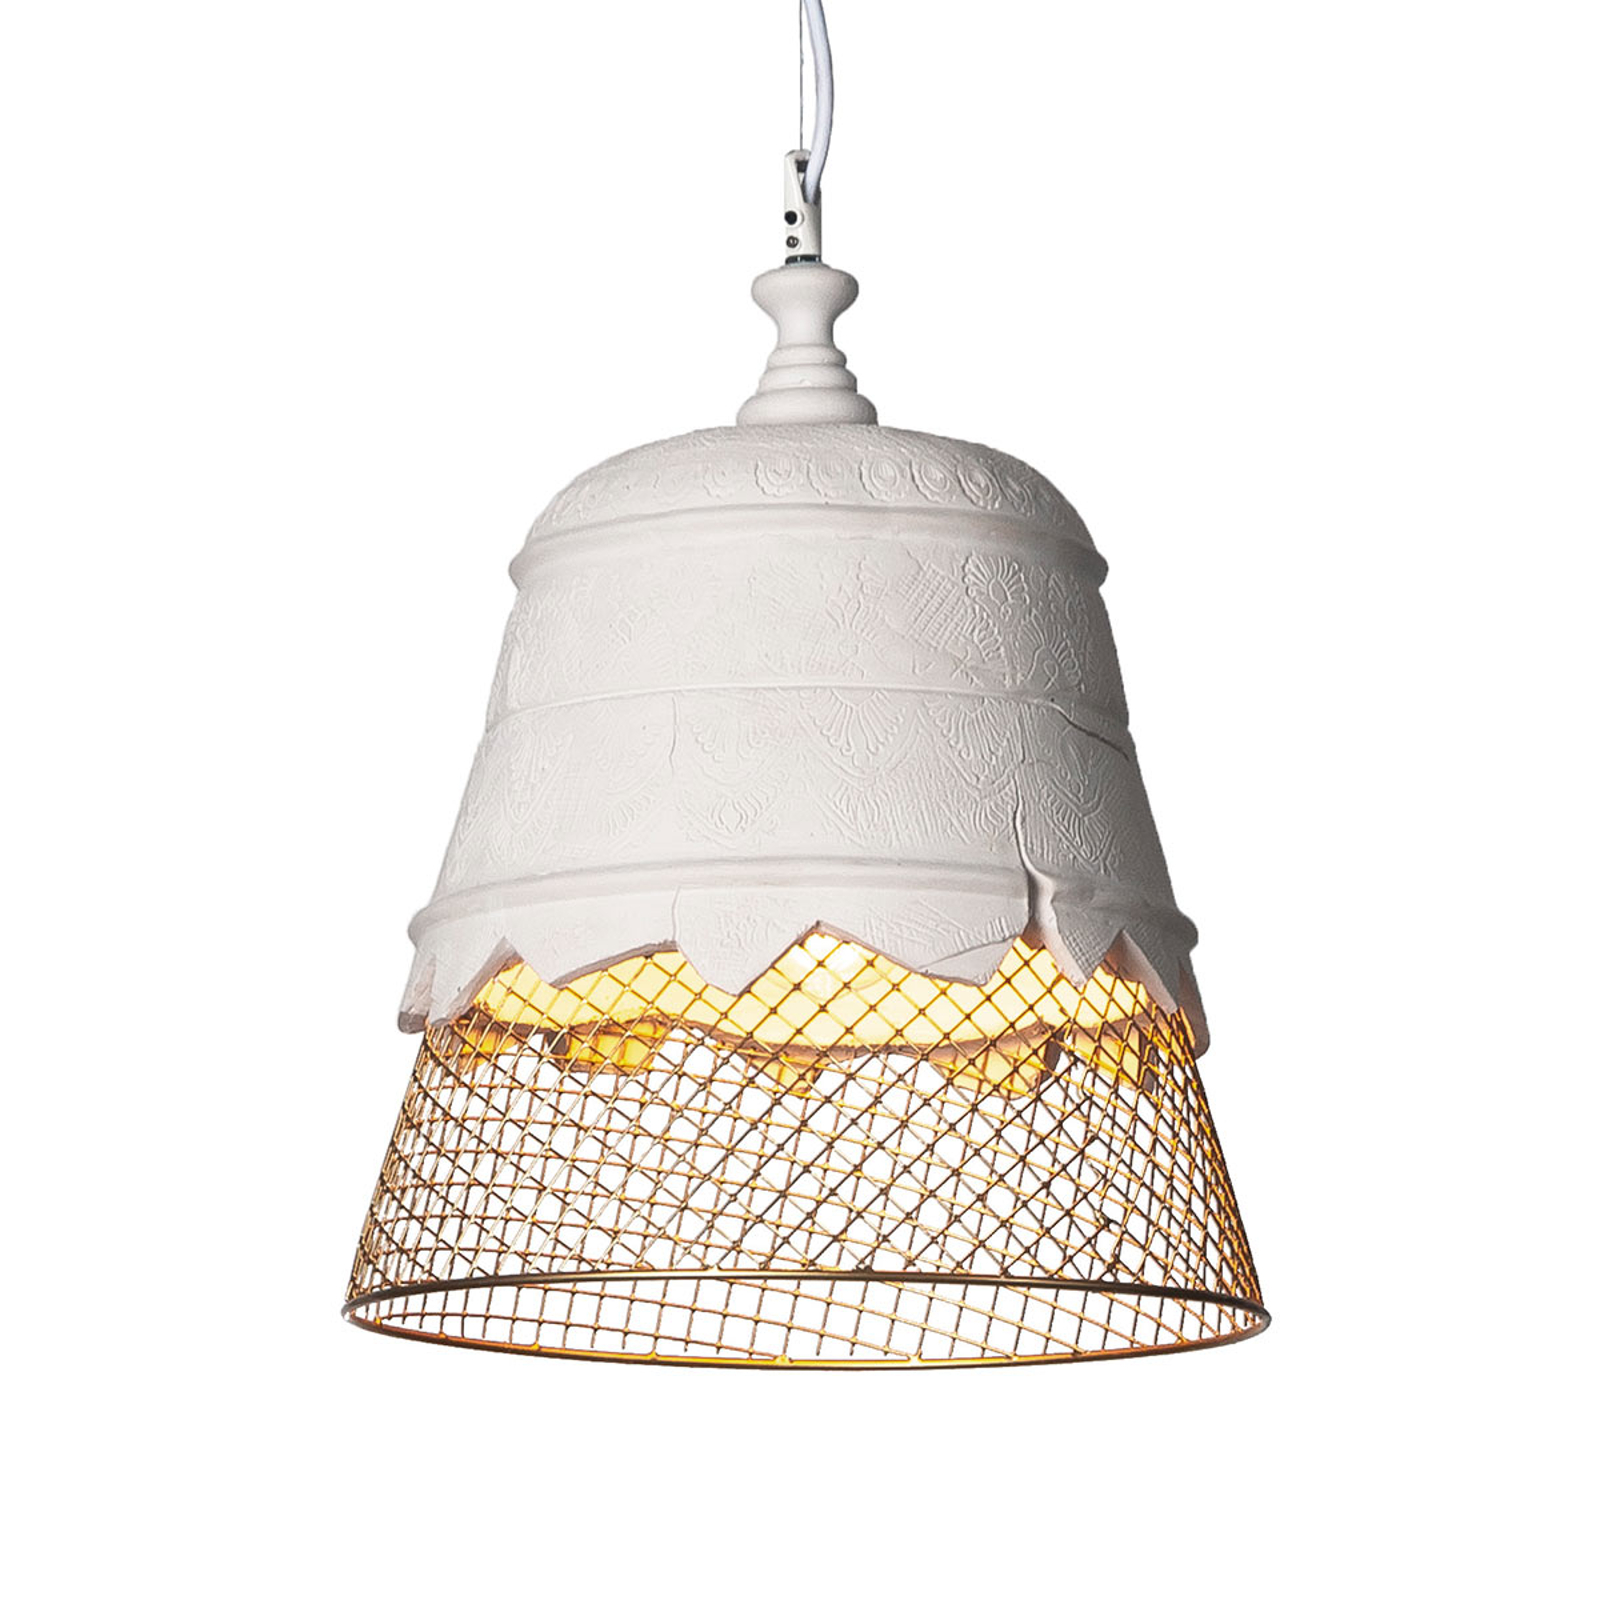 Gipsowa lampa wisząca Domenica, złota, 35cm